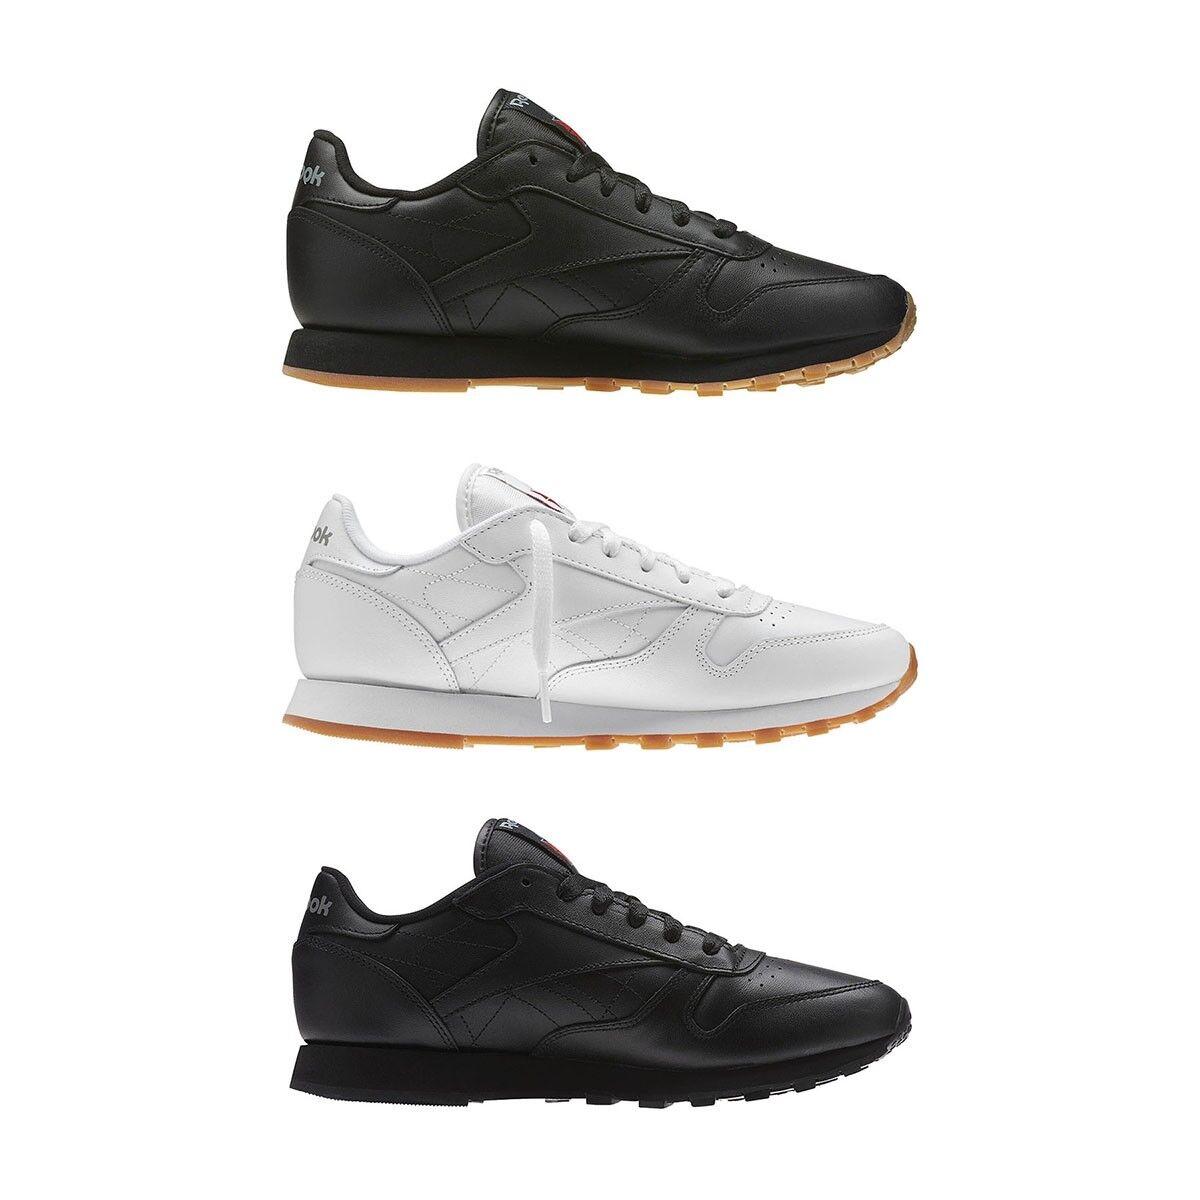 Nuevo Original Reebok Classic Negro blancoo Zapatillas Zapatos Para Correr Hombres ALL TallaS NIB